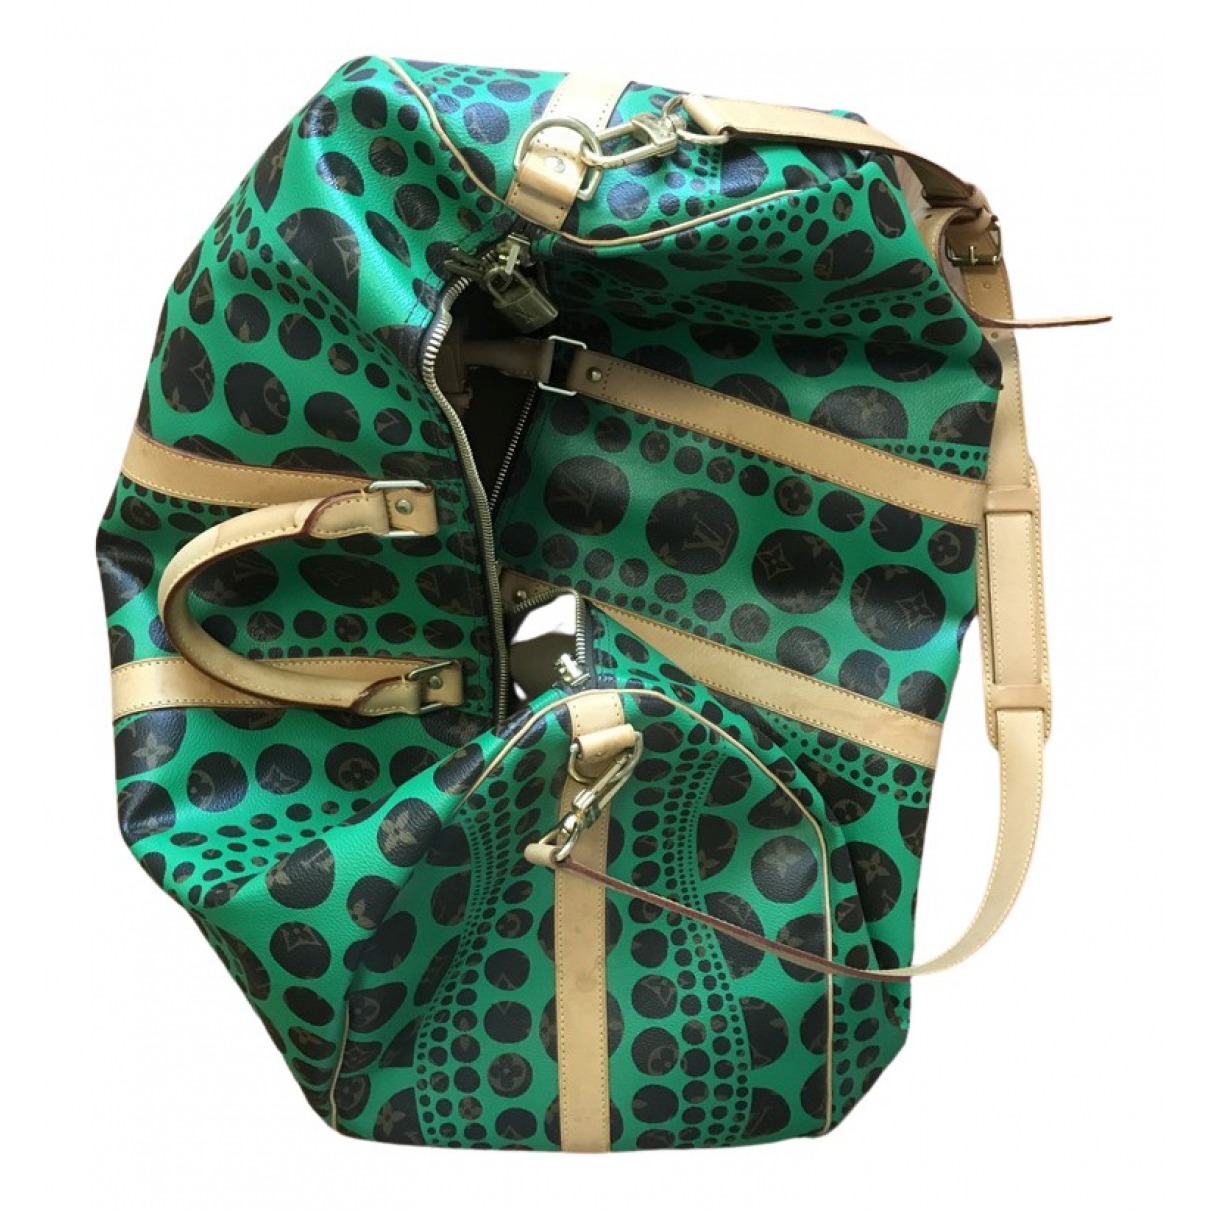 Louis Vuitton Keepall Green Cloth Travel bag for Women N